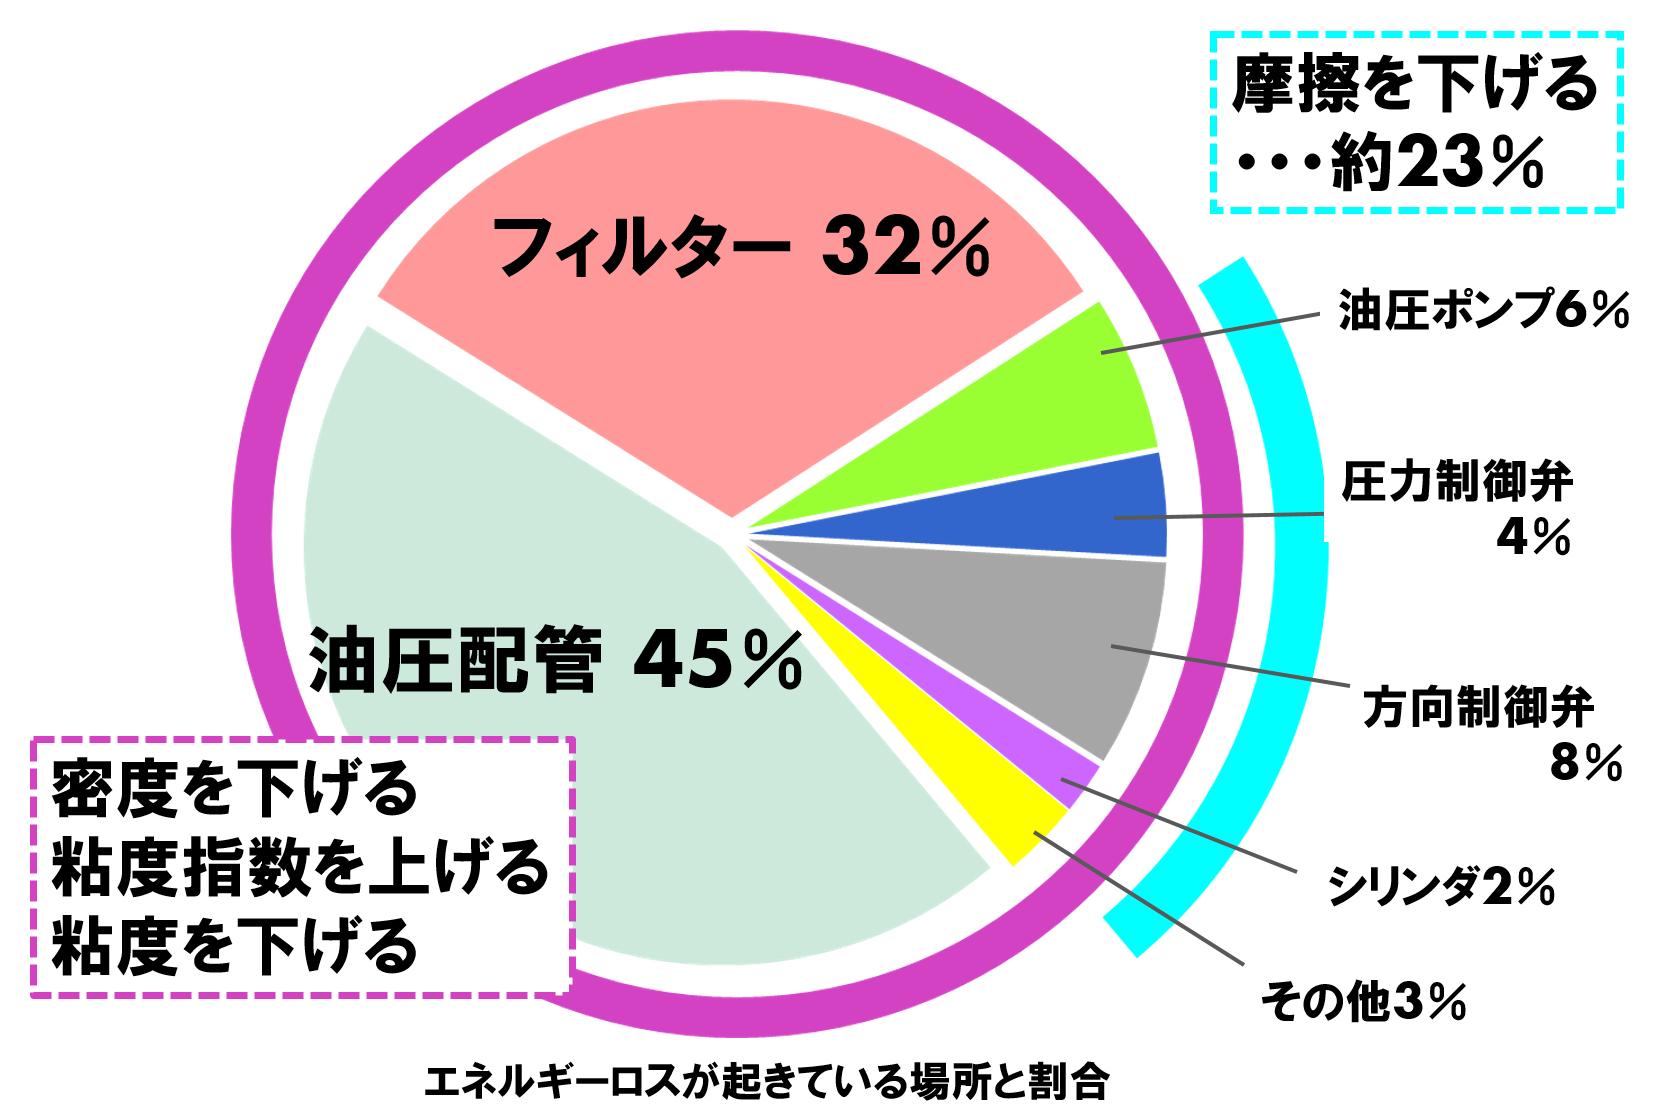 エネルギーロスが起きている場所と割合を示している円グラフです。